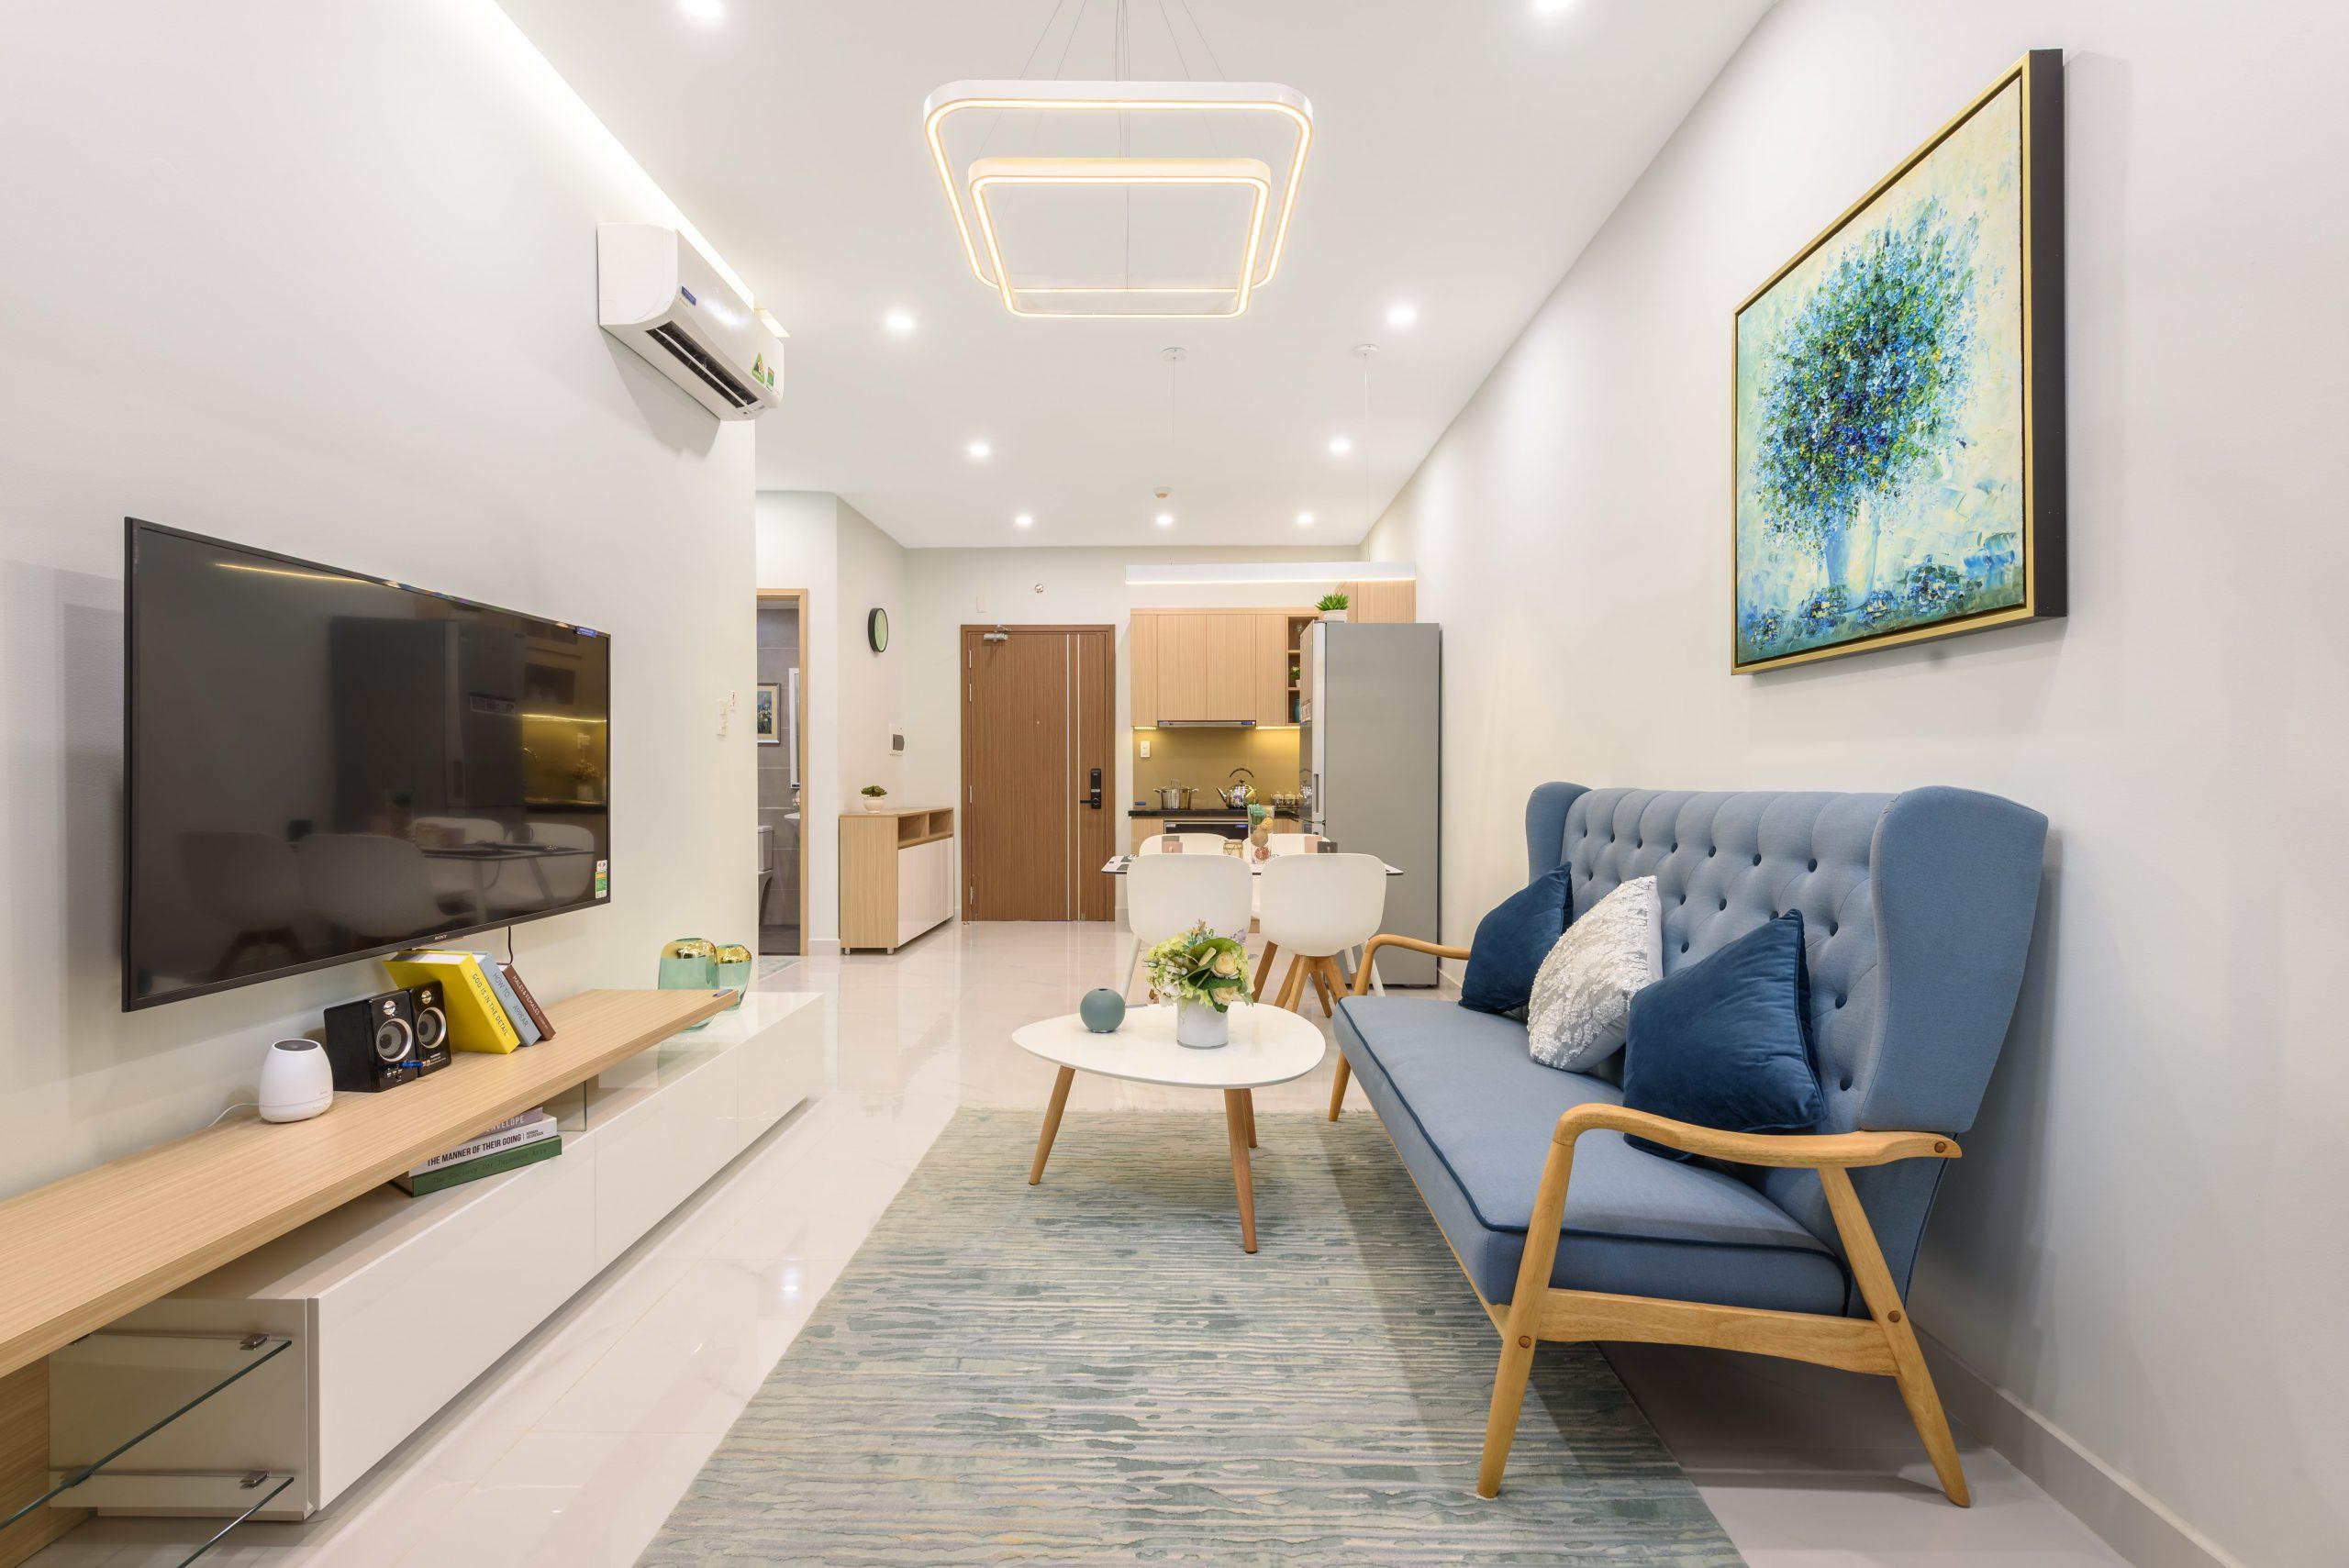 Thiết kế căn hộ The Rivana 2 phòng ngủ cực thông minh